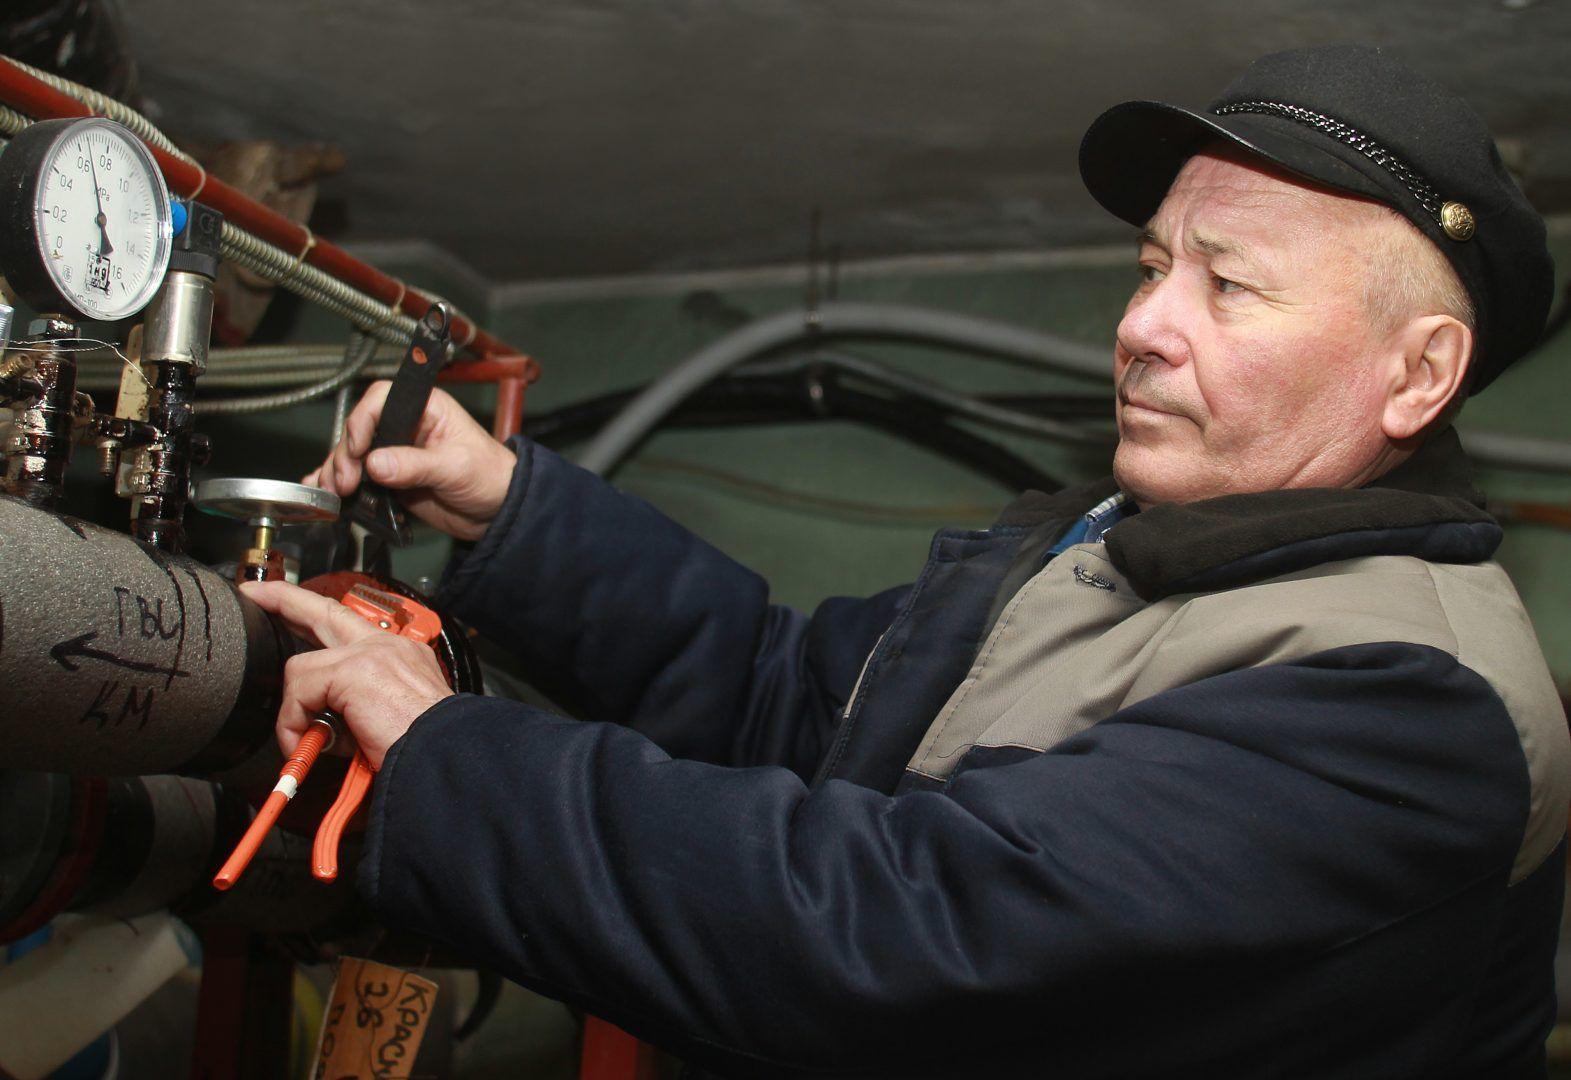 Опрессовку проводят в рамках подготовки к осенне-зимнему периоду. Фото: Наталия Нечаева, «Вечерняя Москва»